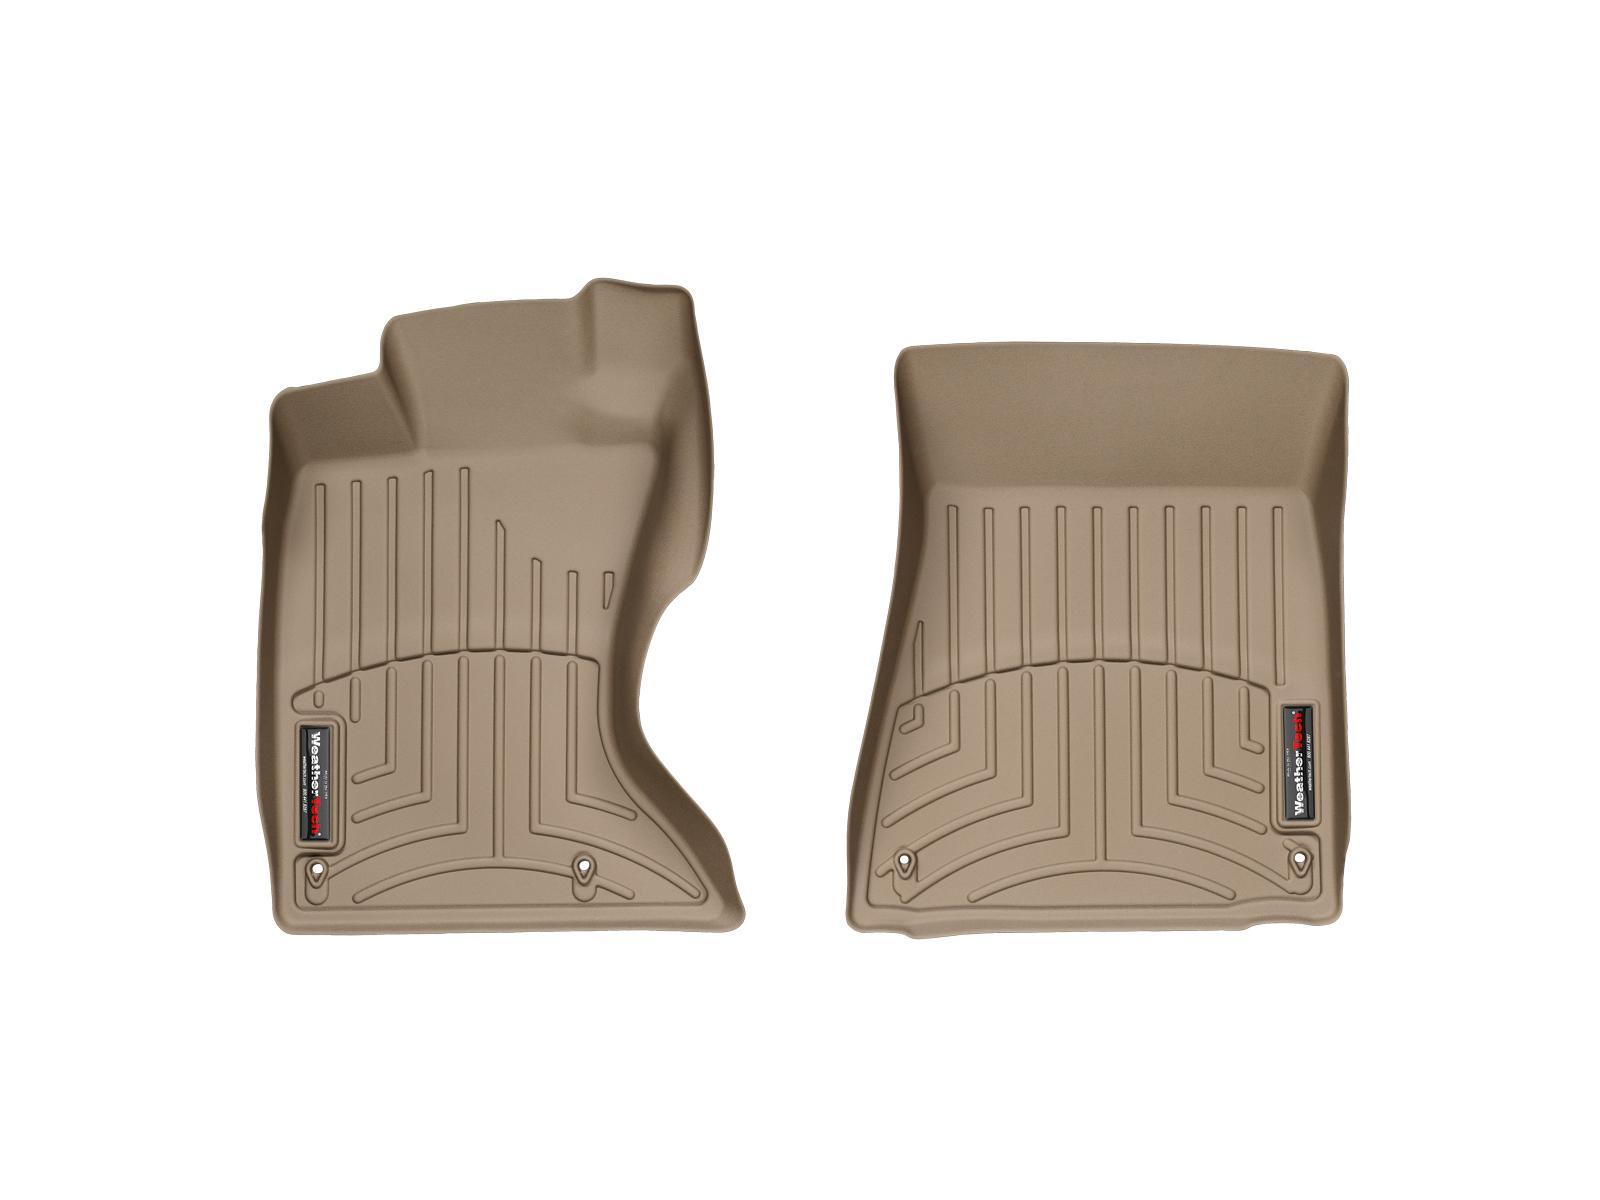 Tappeti gomma su misura bordo alto Lexus GS 300 06>06 Marrone A2021